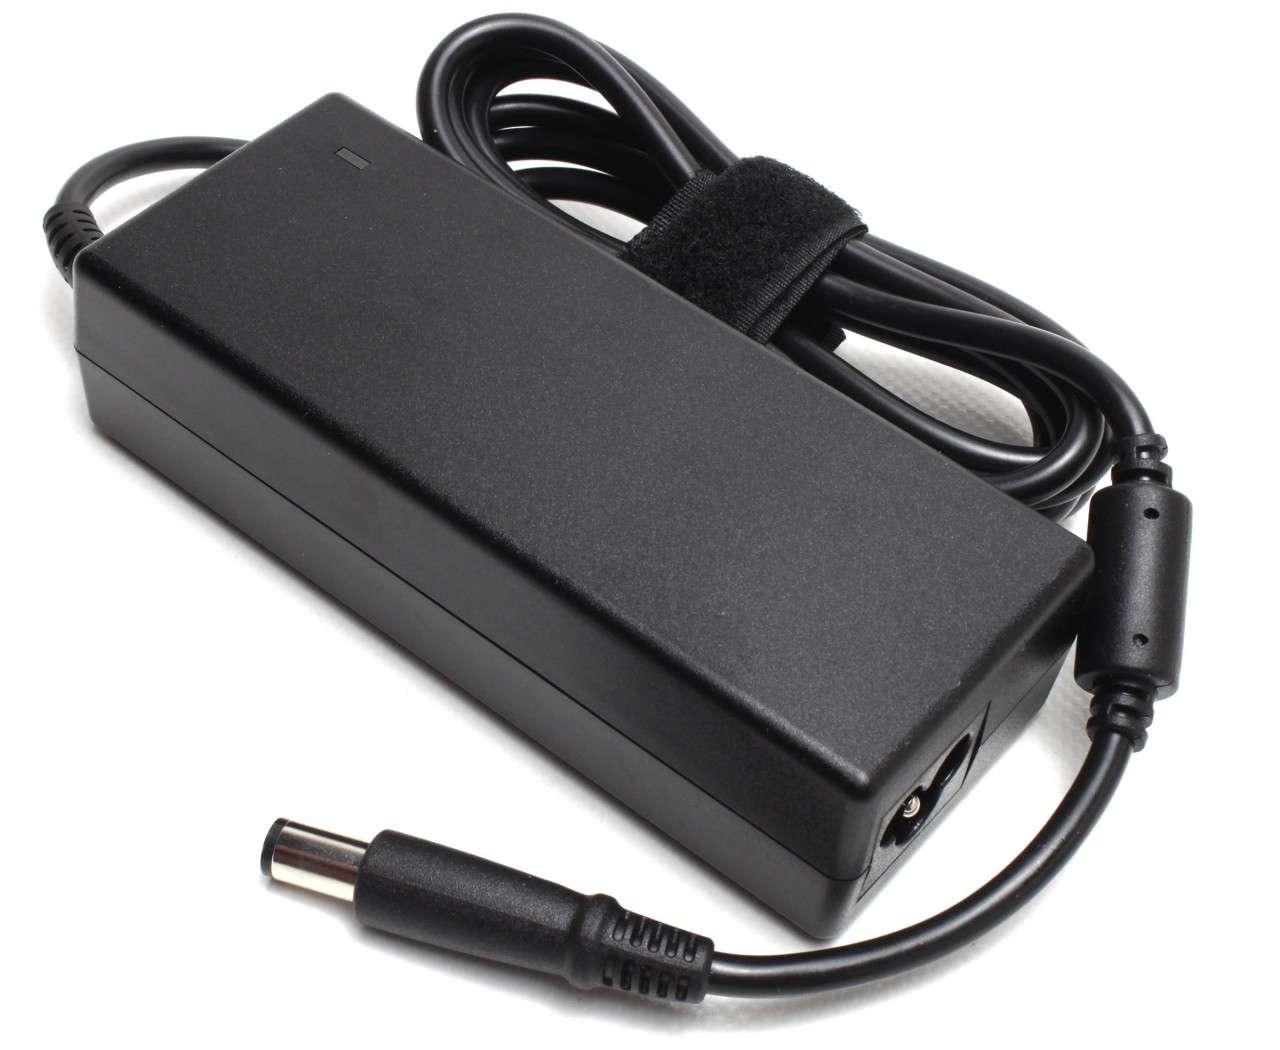 Incarcator Dell Vostro 1440 VARIANTA 3 imagine powerlaptop.ro 2021